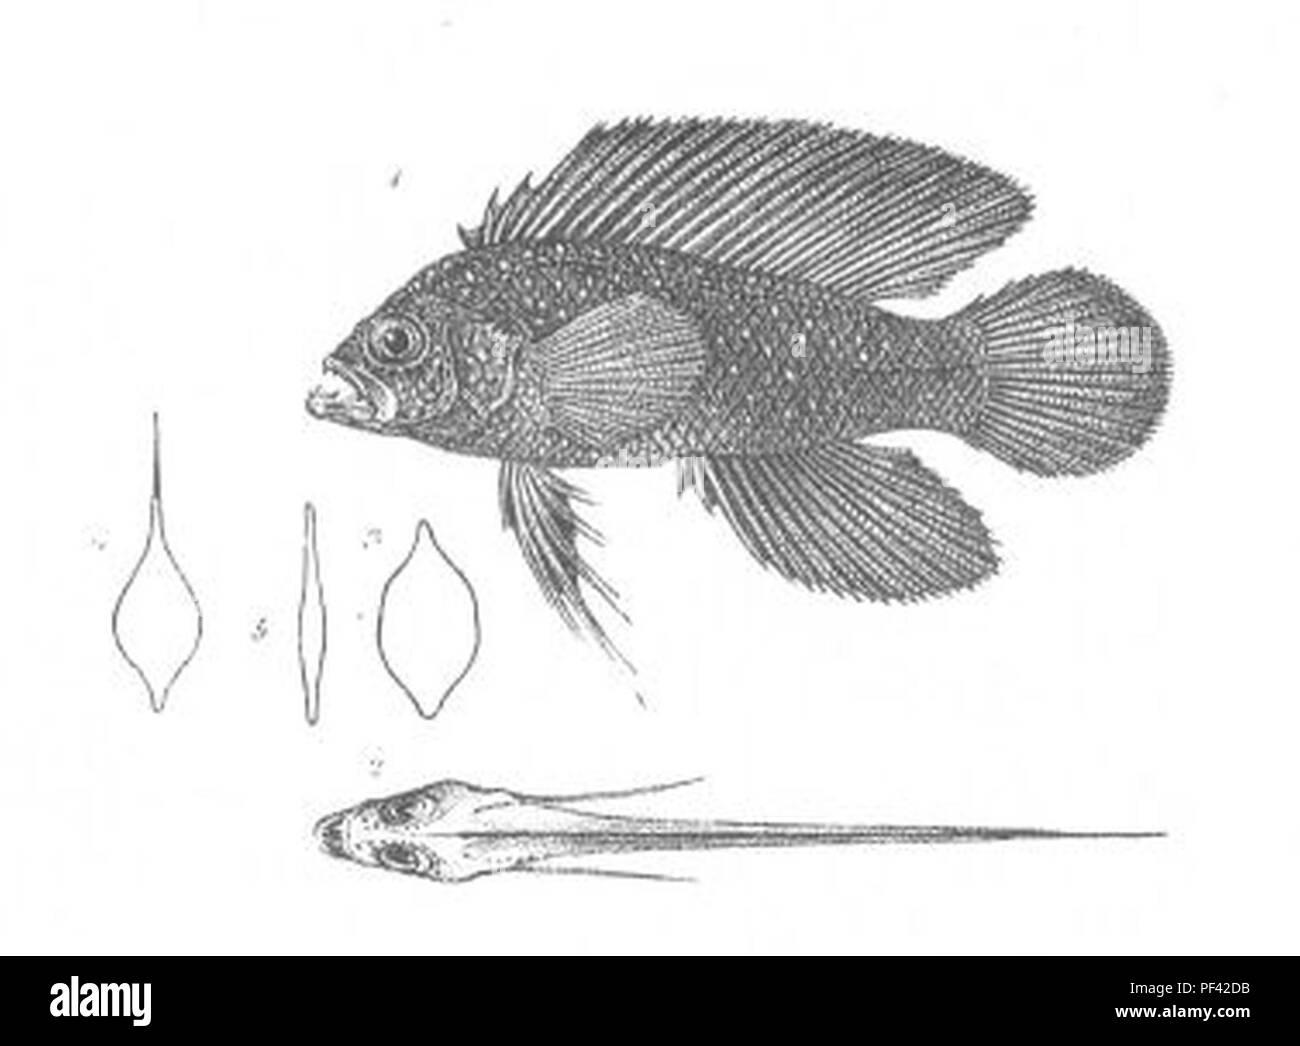 Assiculus punctatus (Discoveries in Australia). - Stock Image